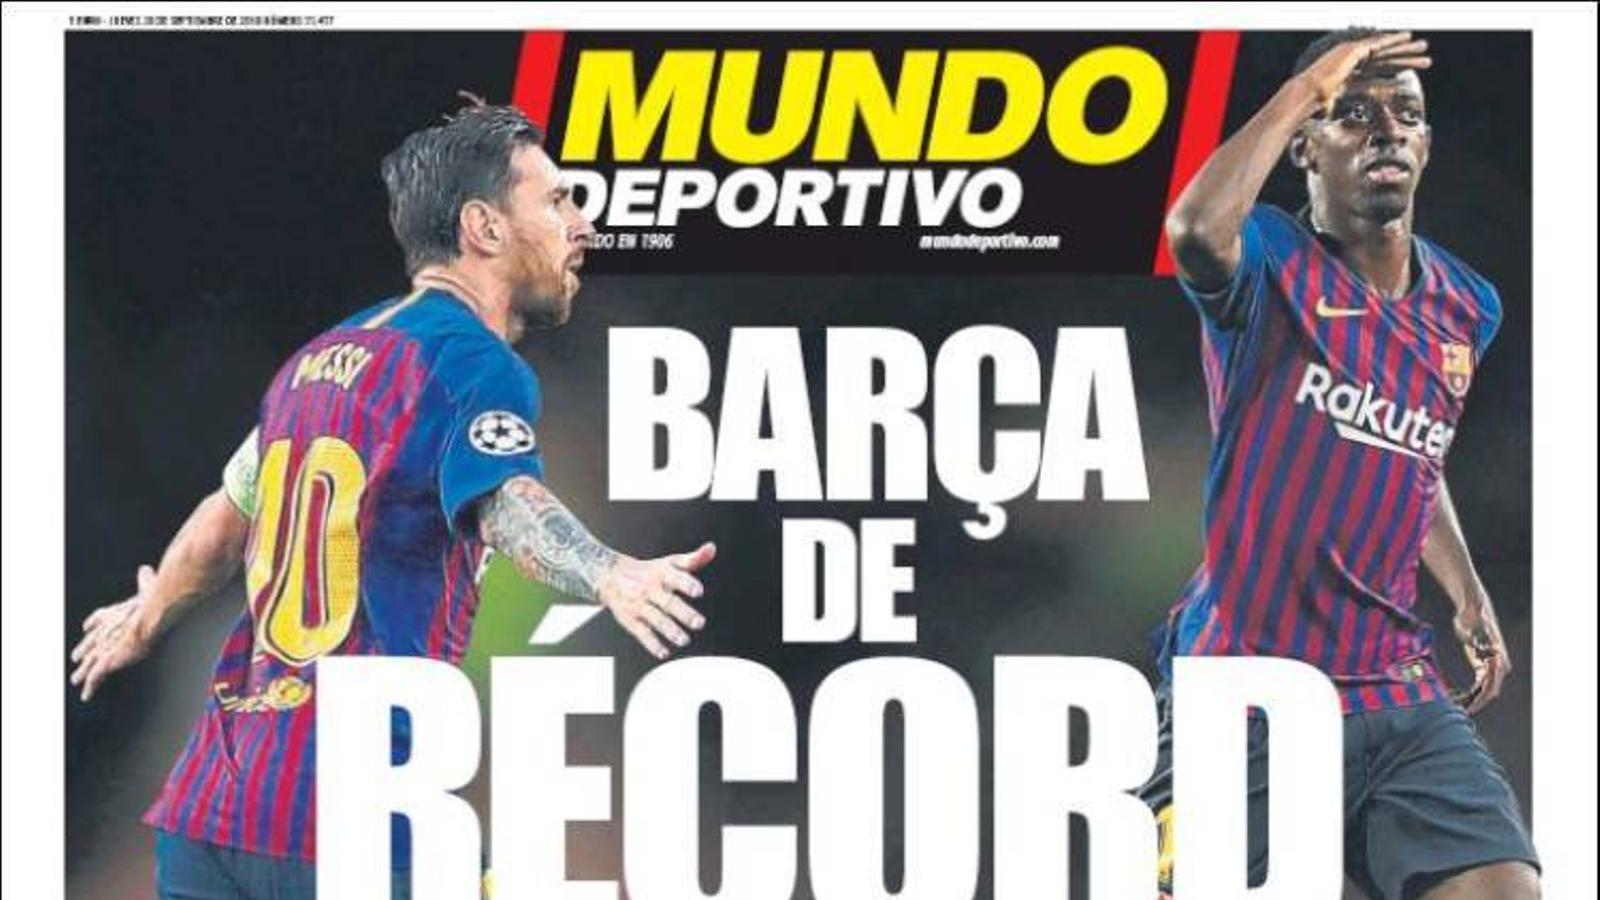 Portada 20 setembre 2018 Mundo Deportivo